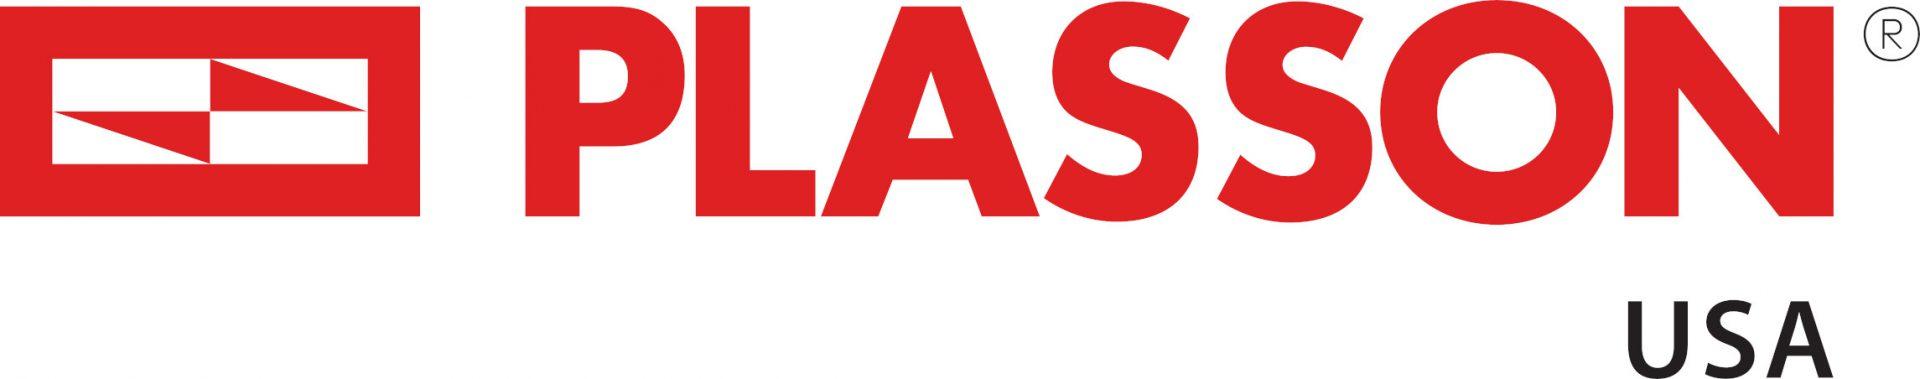 Plasson USA logo